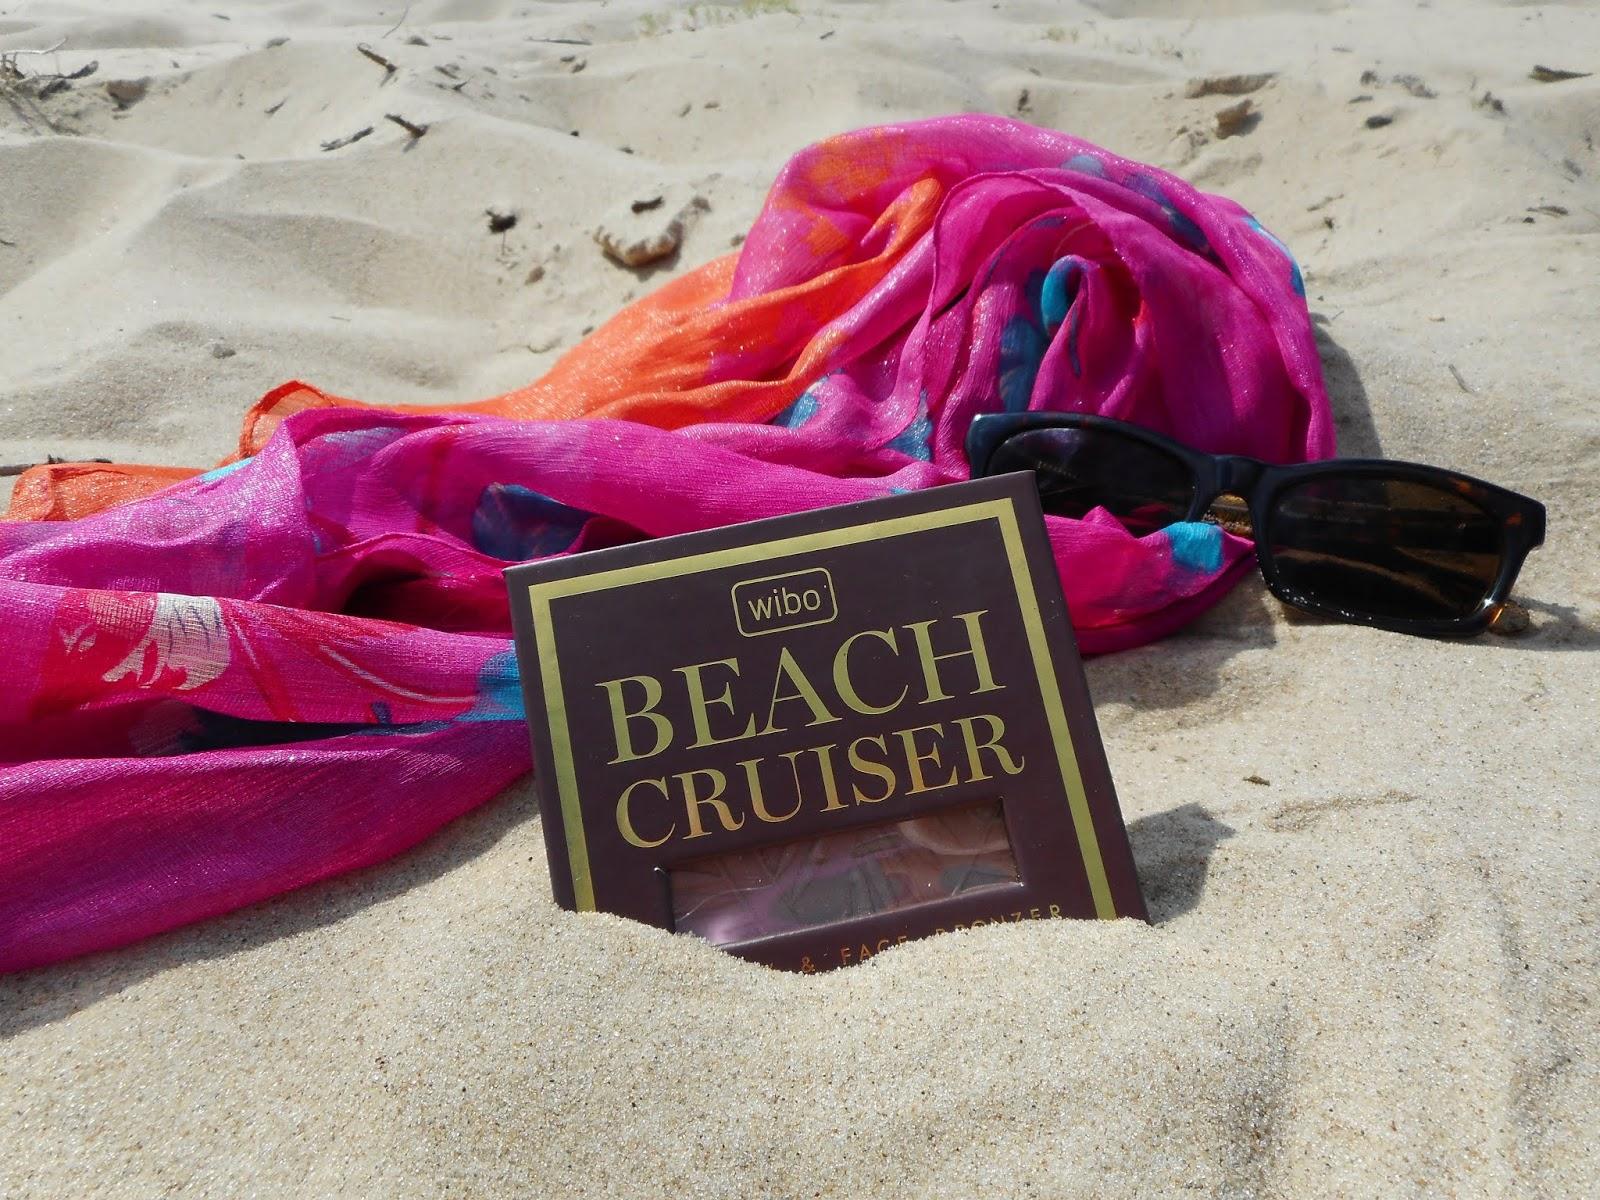 Wibo HD BODY FACE BRONZER Beach Cruiser kolor 02 cafe creme